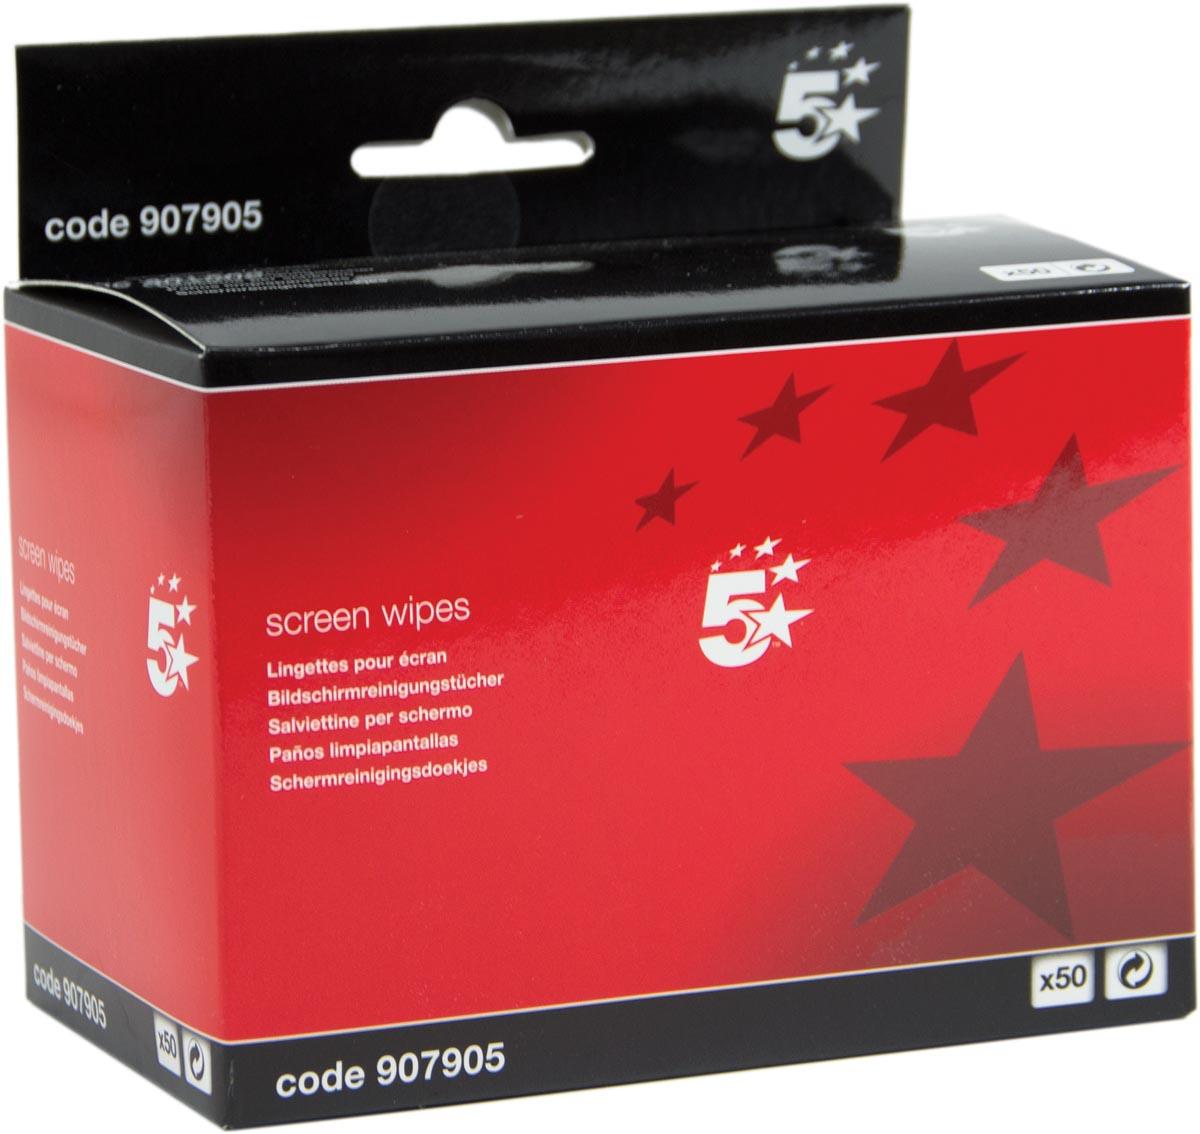 5 Star antistatische schermreinigingsdoekjes, pak van 50 doekjes